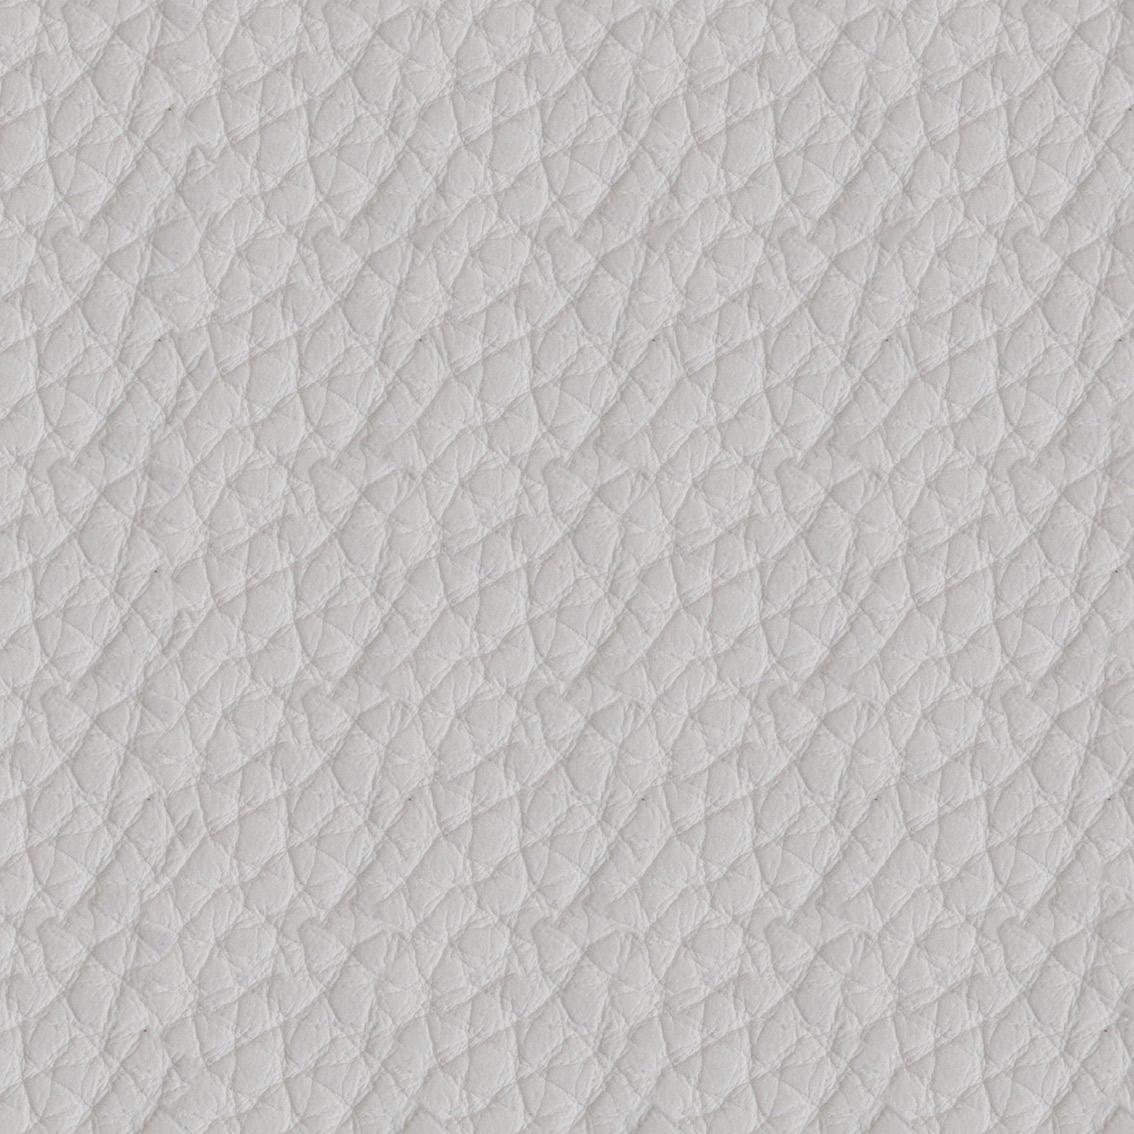 Коллекция ткани Aurora 281 Cloud Dance,  купить ткань Кож зам для мебели Украина